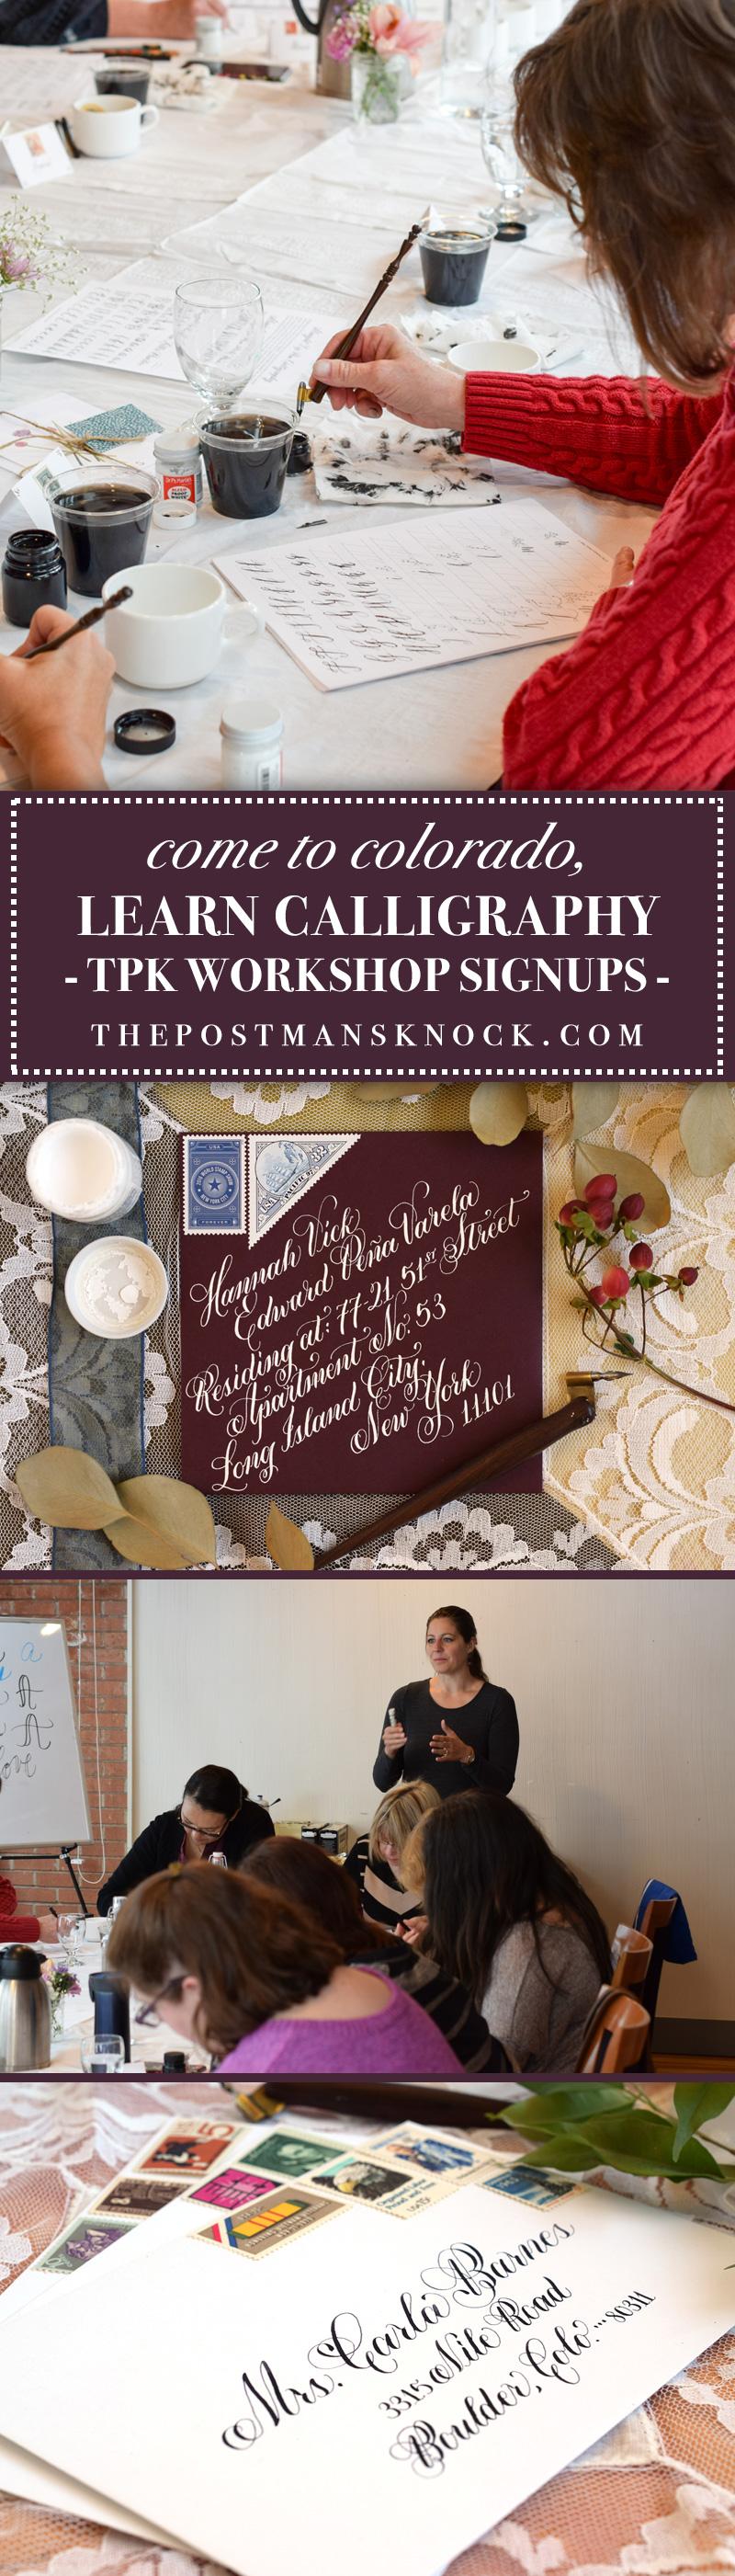 TPK Boulder Modern Calligraphy Workshops